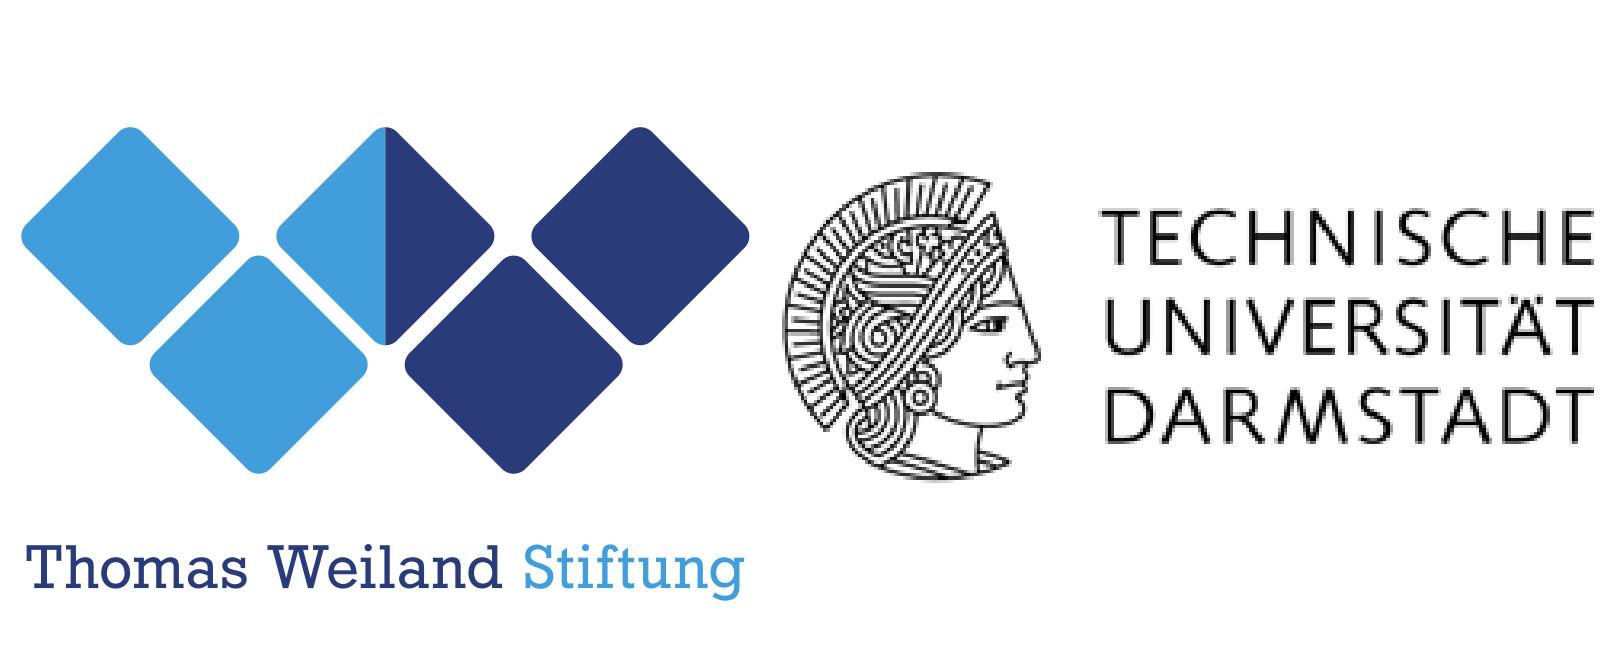 Technische Universität Darmstadt Thomas Weiland Stiftung